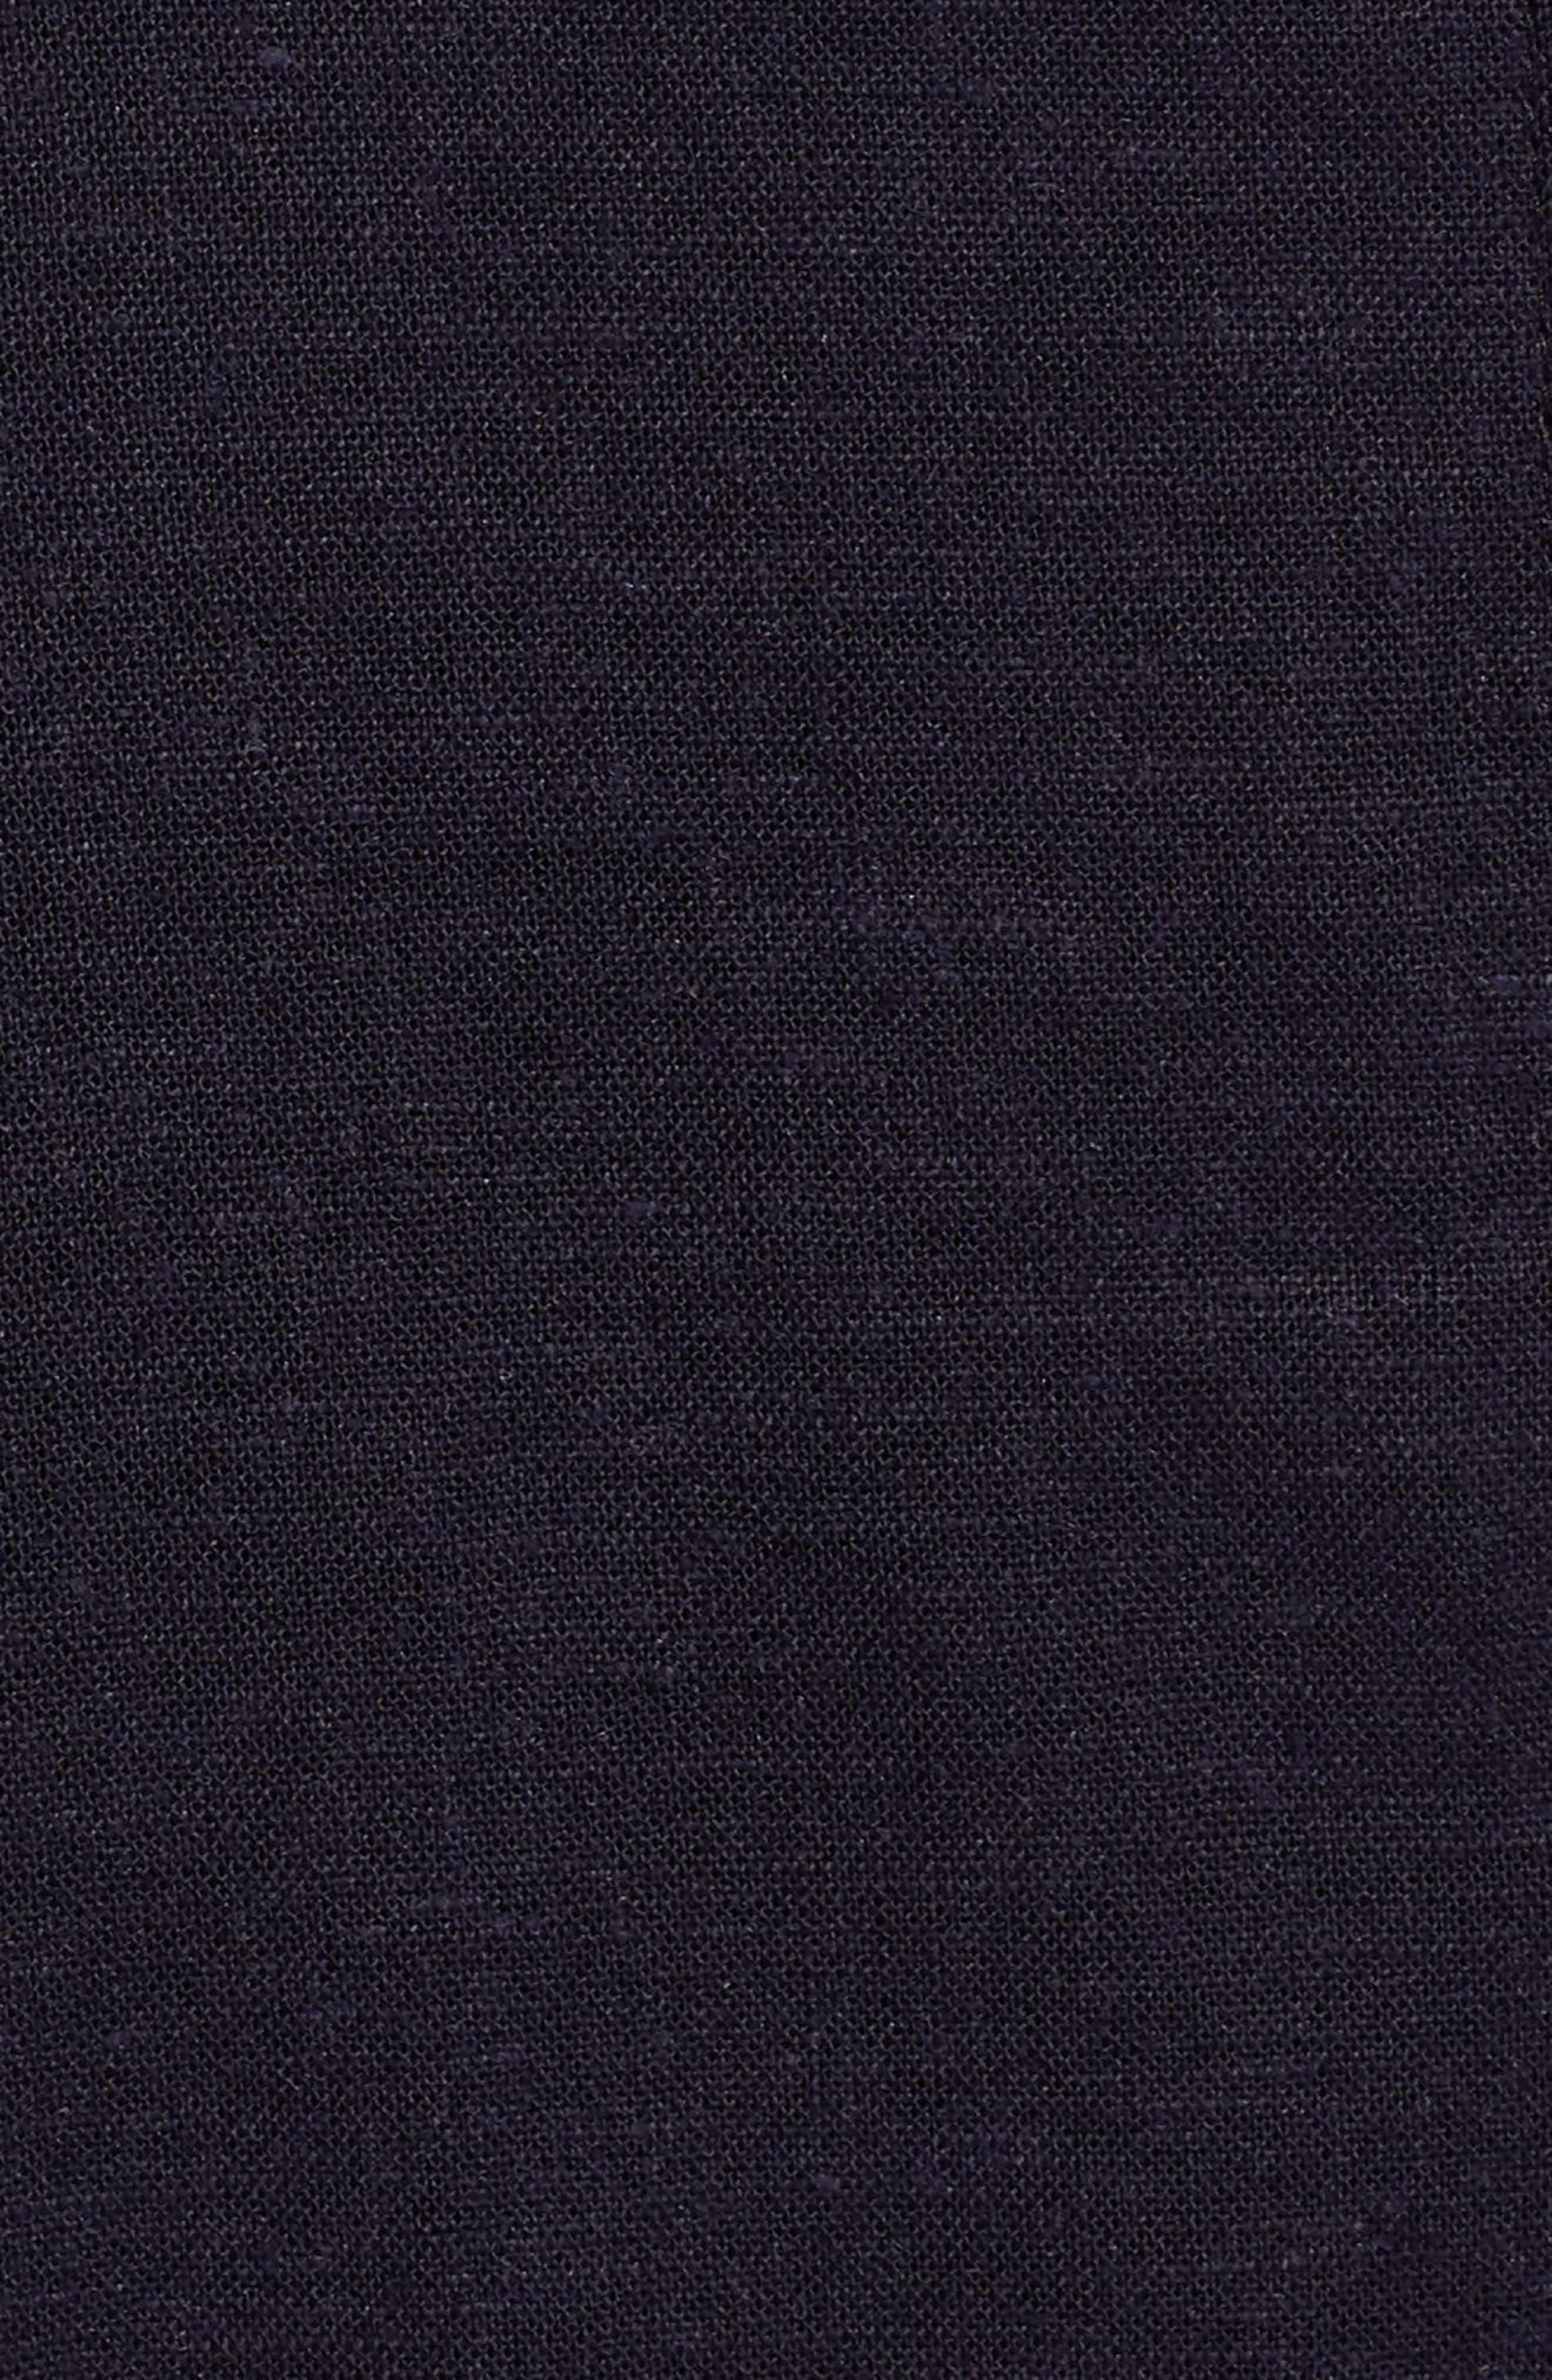 Colorblock Linen Blend Skirt,                             Alternate thumbnail 5, color,